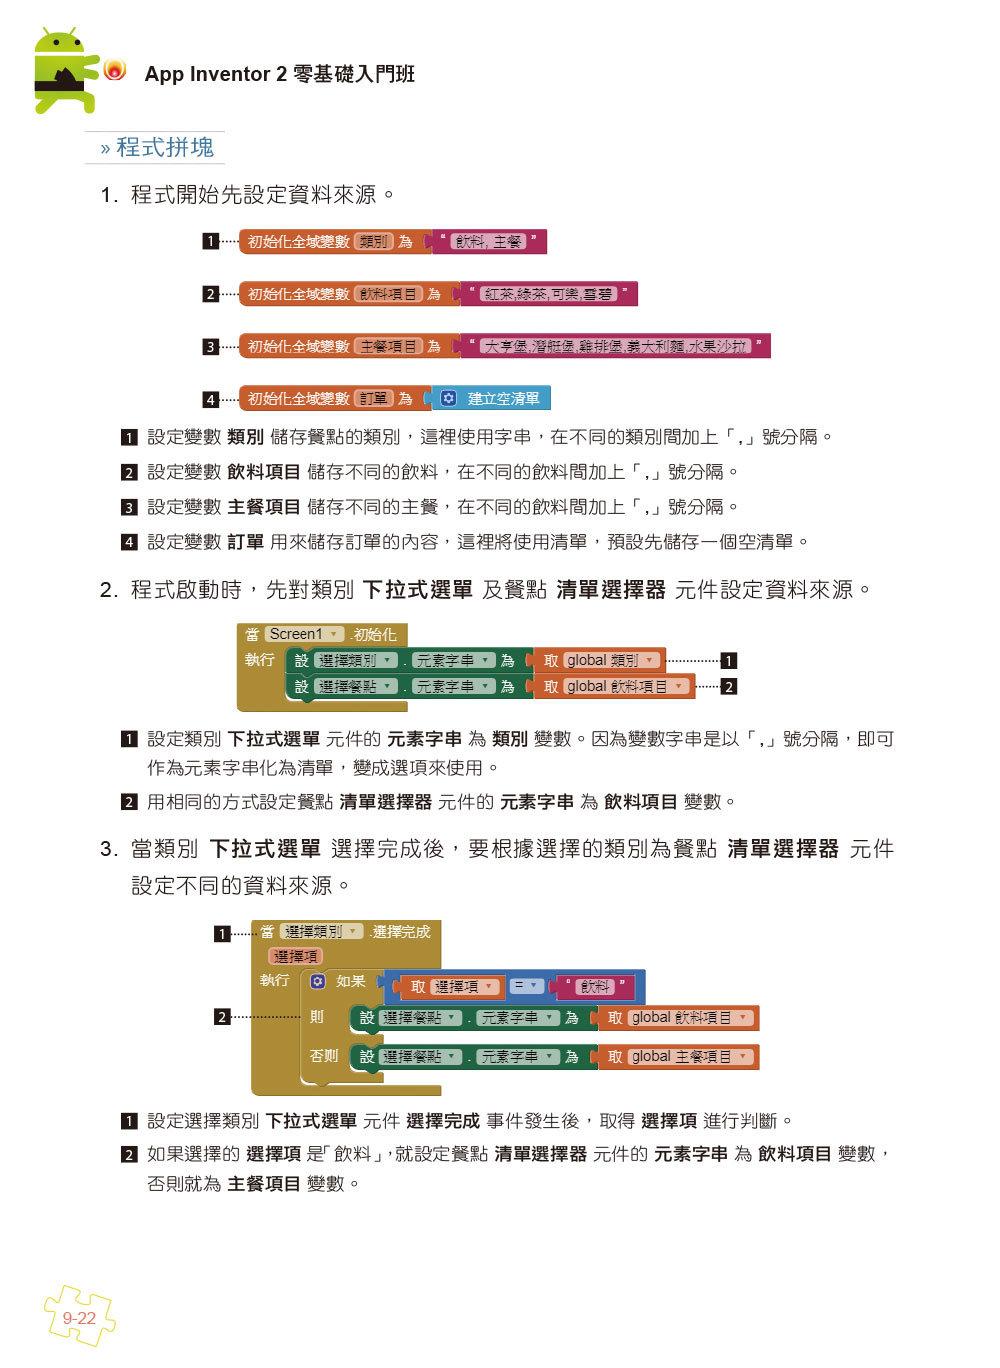 手機應用程式設計超簡單--App Inventor 2零基礎入門班(中文介面第四版)(附入門影音/範例)-preview-9